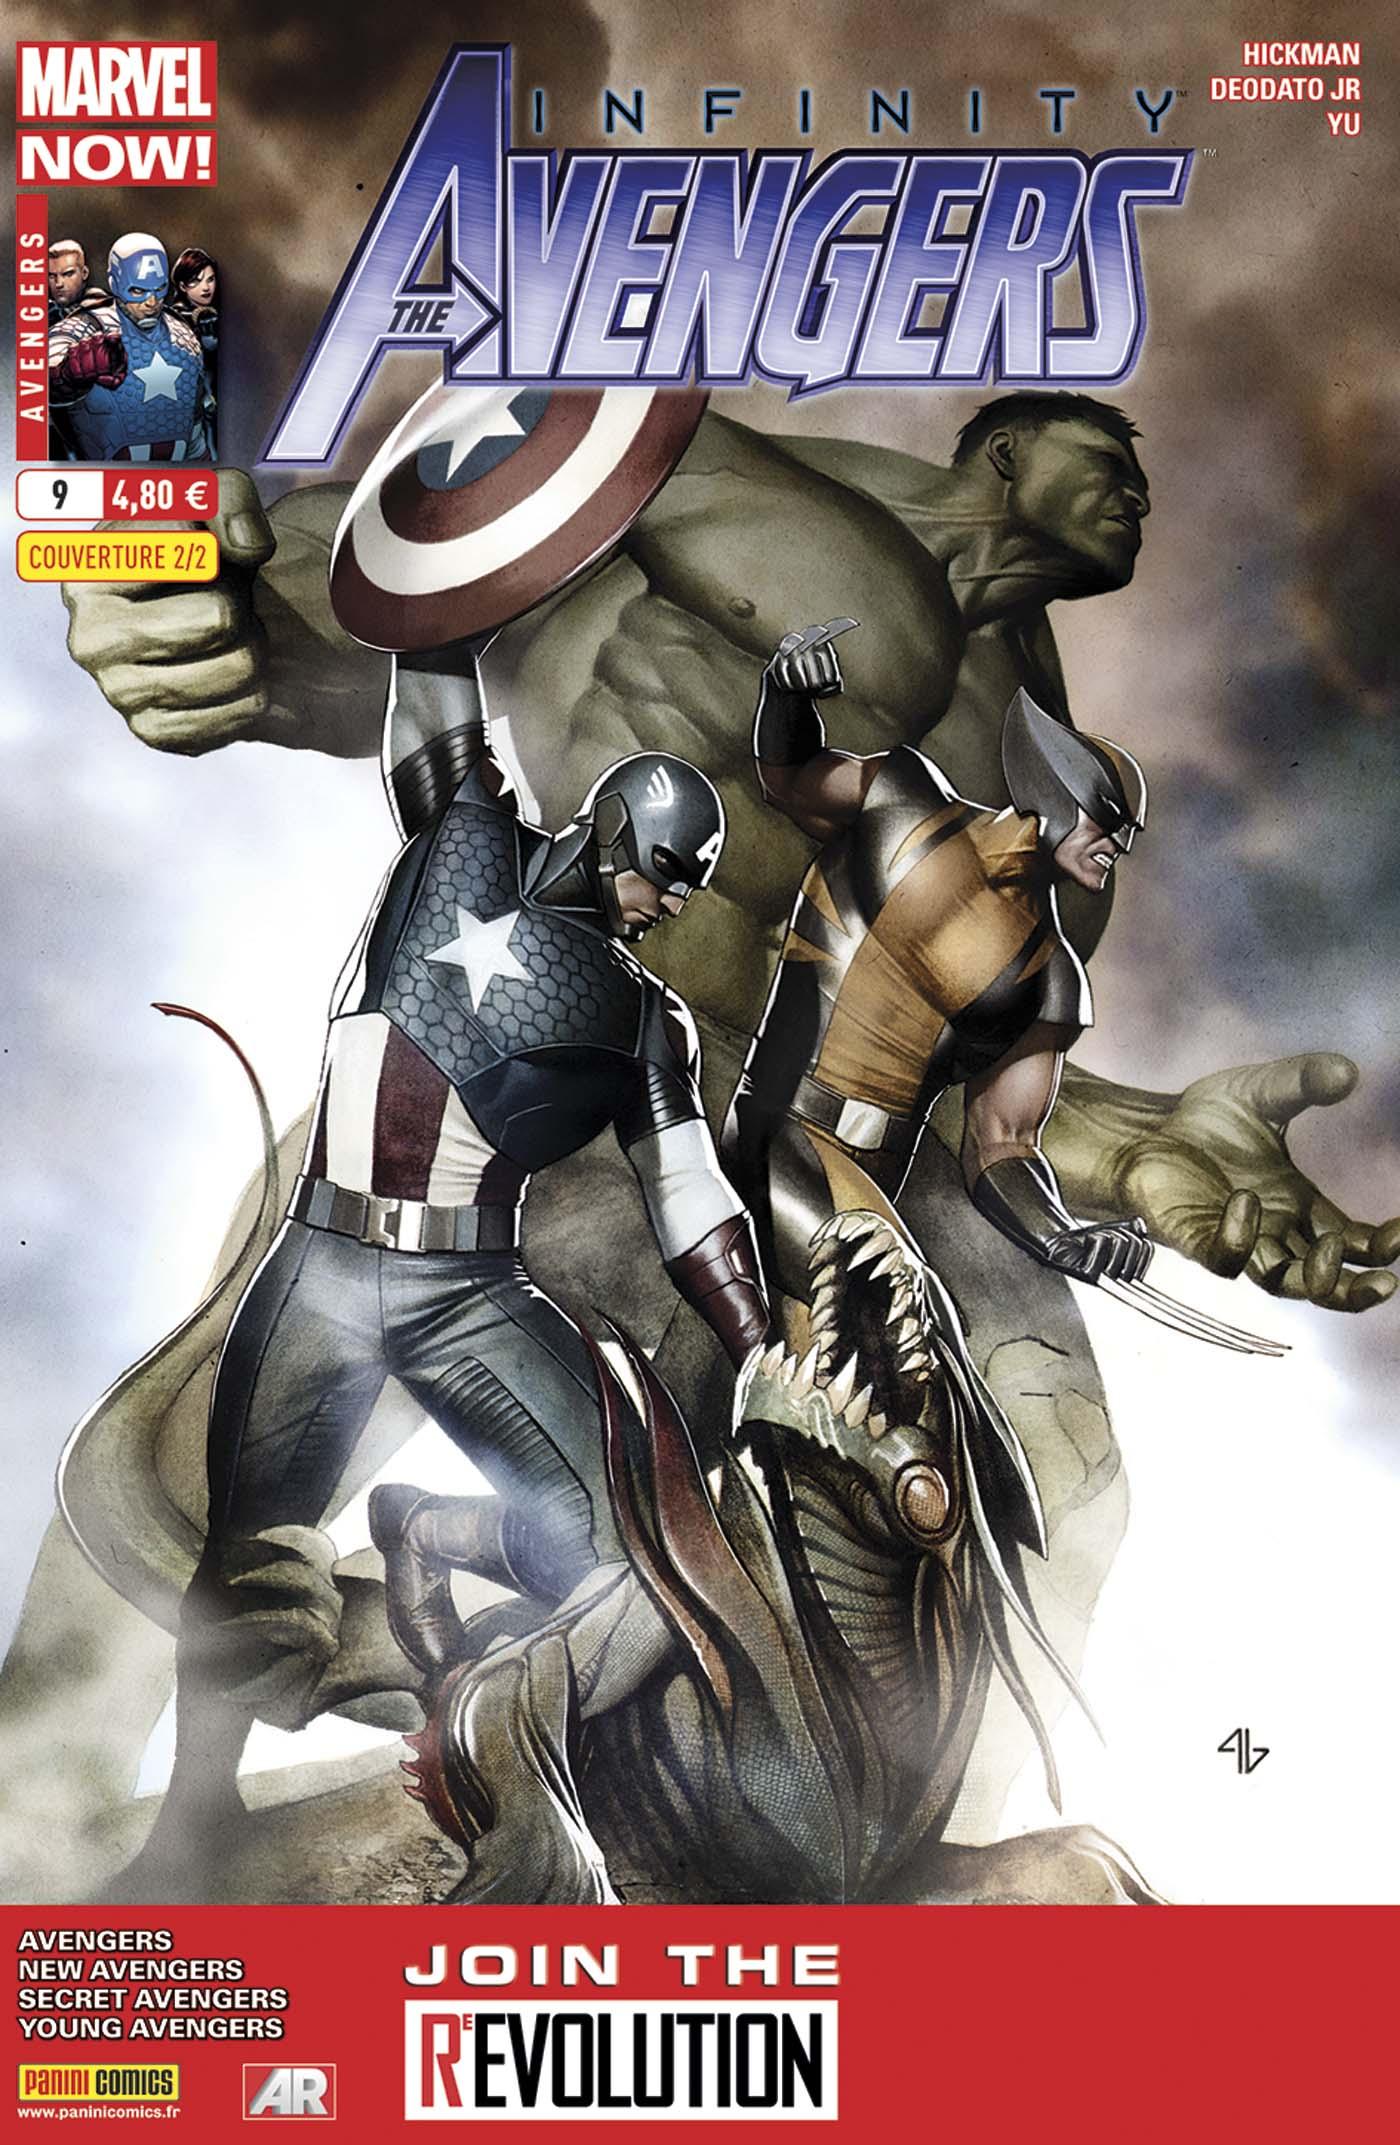 Avengers 9 - Couverture 2/2 : Adi Granov